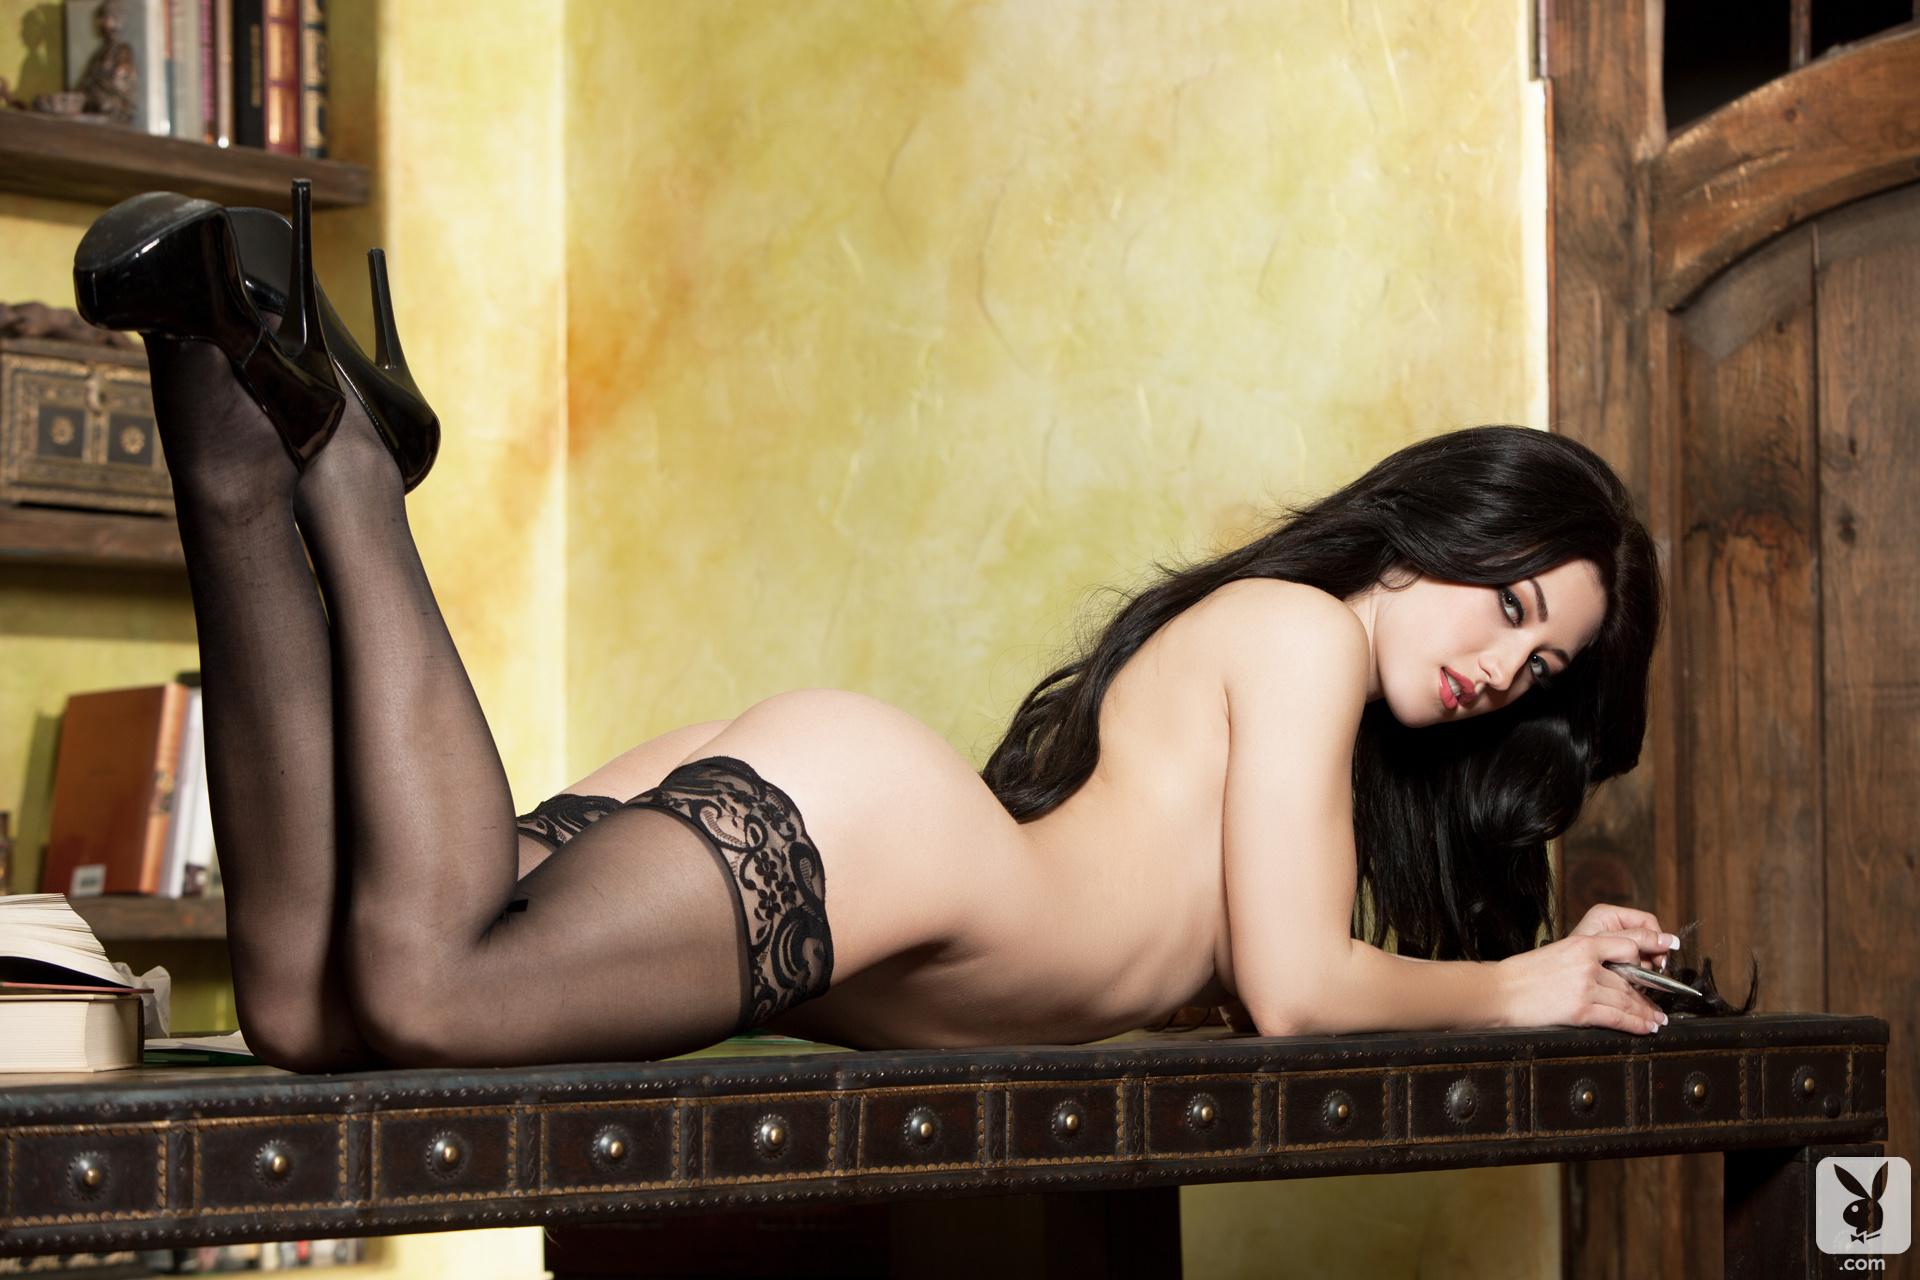 Фото голых модели в чулках, Новые галереи модели, в чулках. Голые девушки 8 фотография